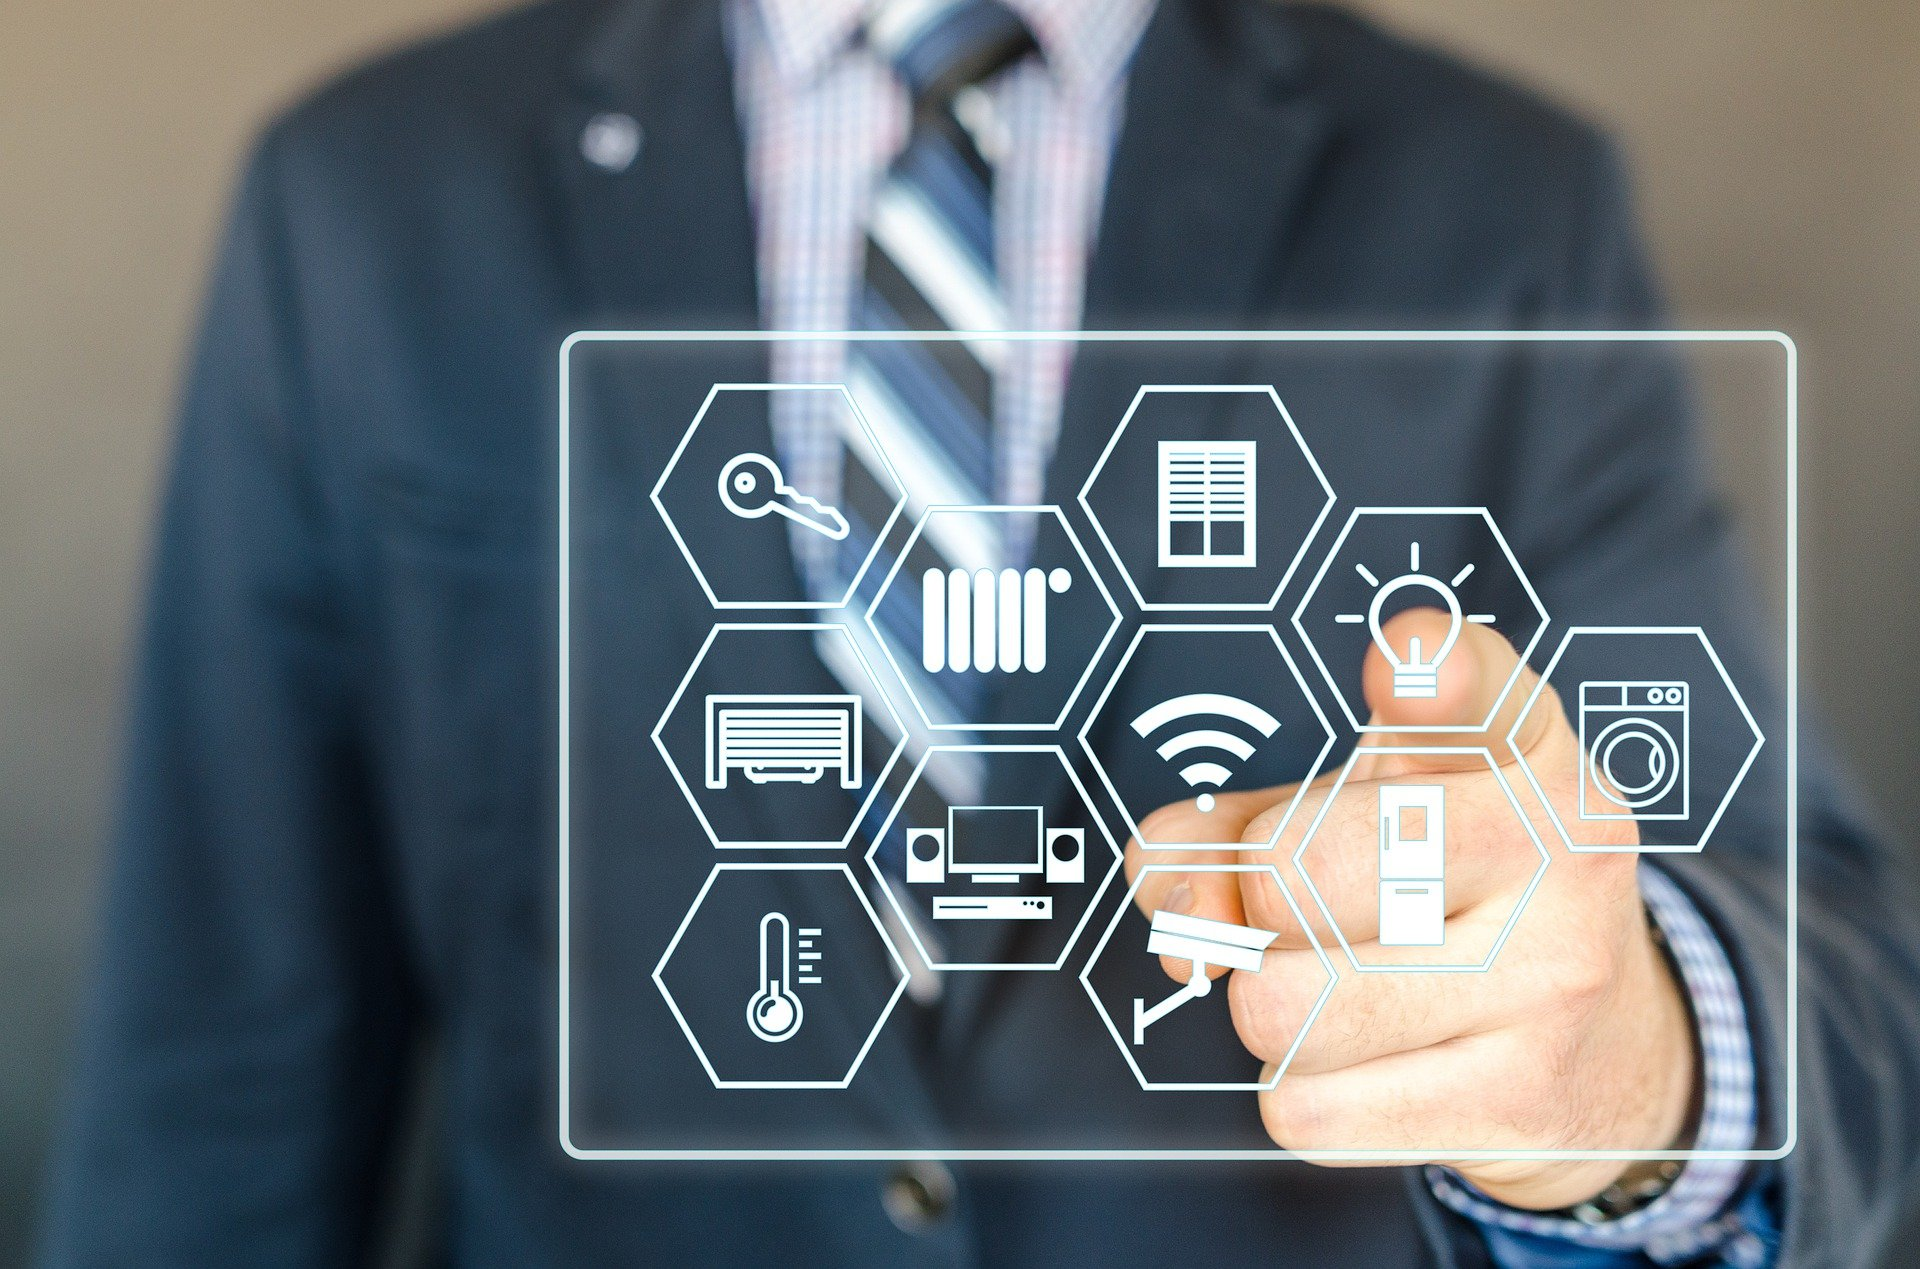 Imagem mostra uma pessoa controlando um painel digital com ícones de objetos domésticos.